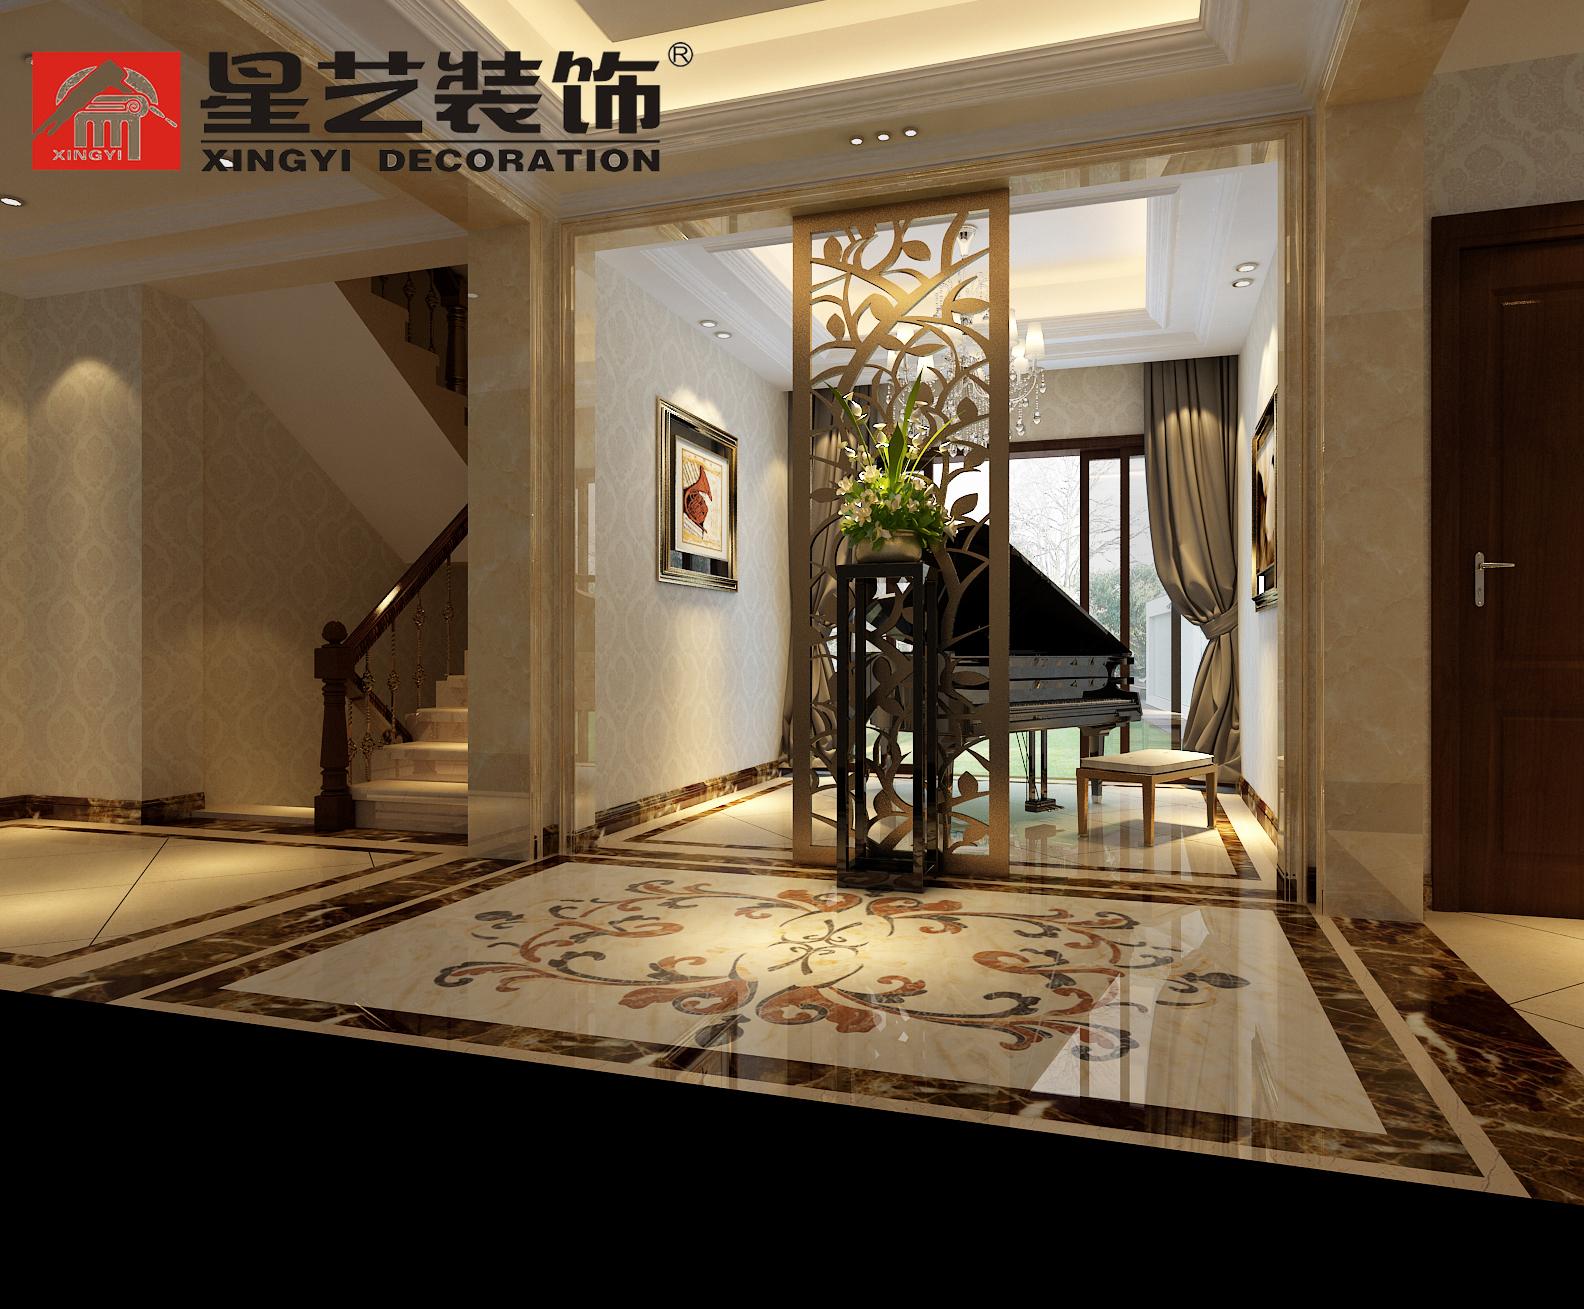 别墅 中式 星艺装饰 其他图片来自星艺装饰在贵州在星艺装饰·别墅设计的分享